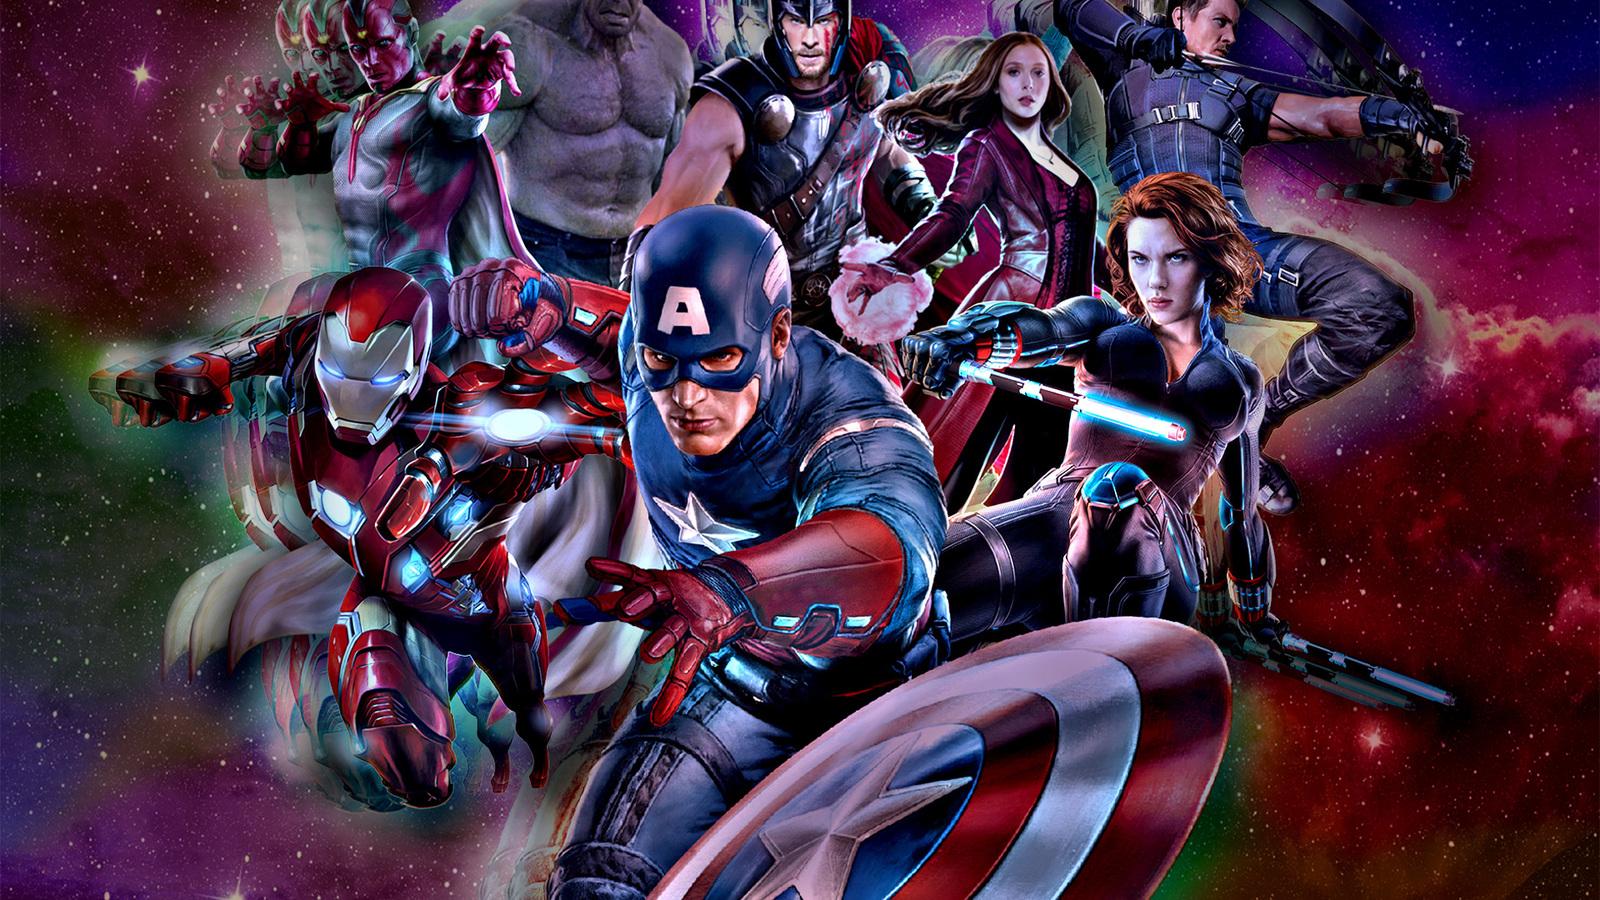 the-avengers-marvel-comics-oc.jpg